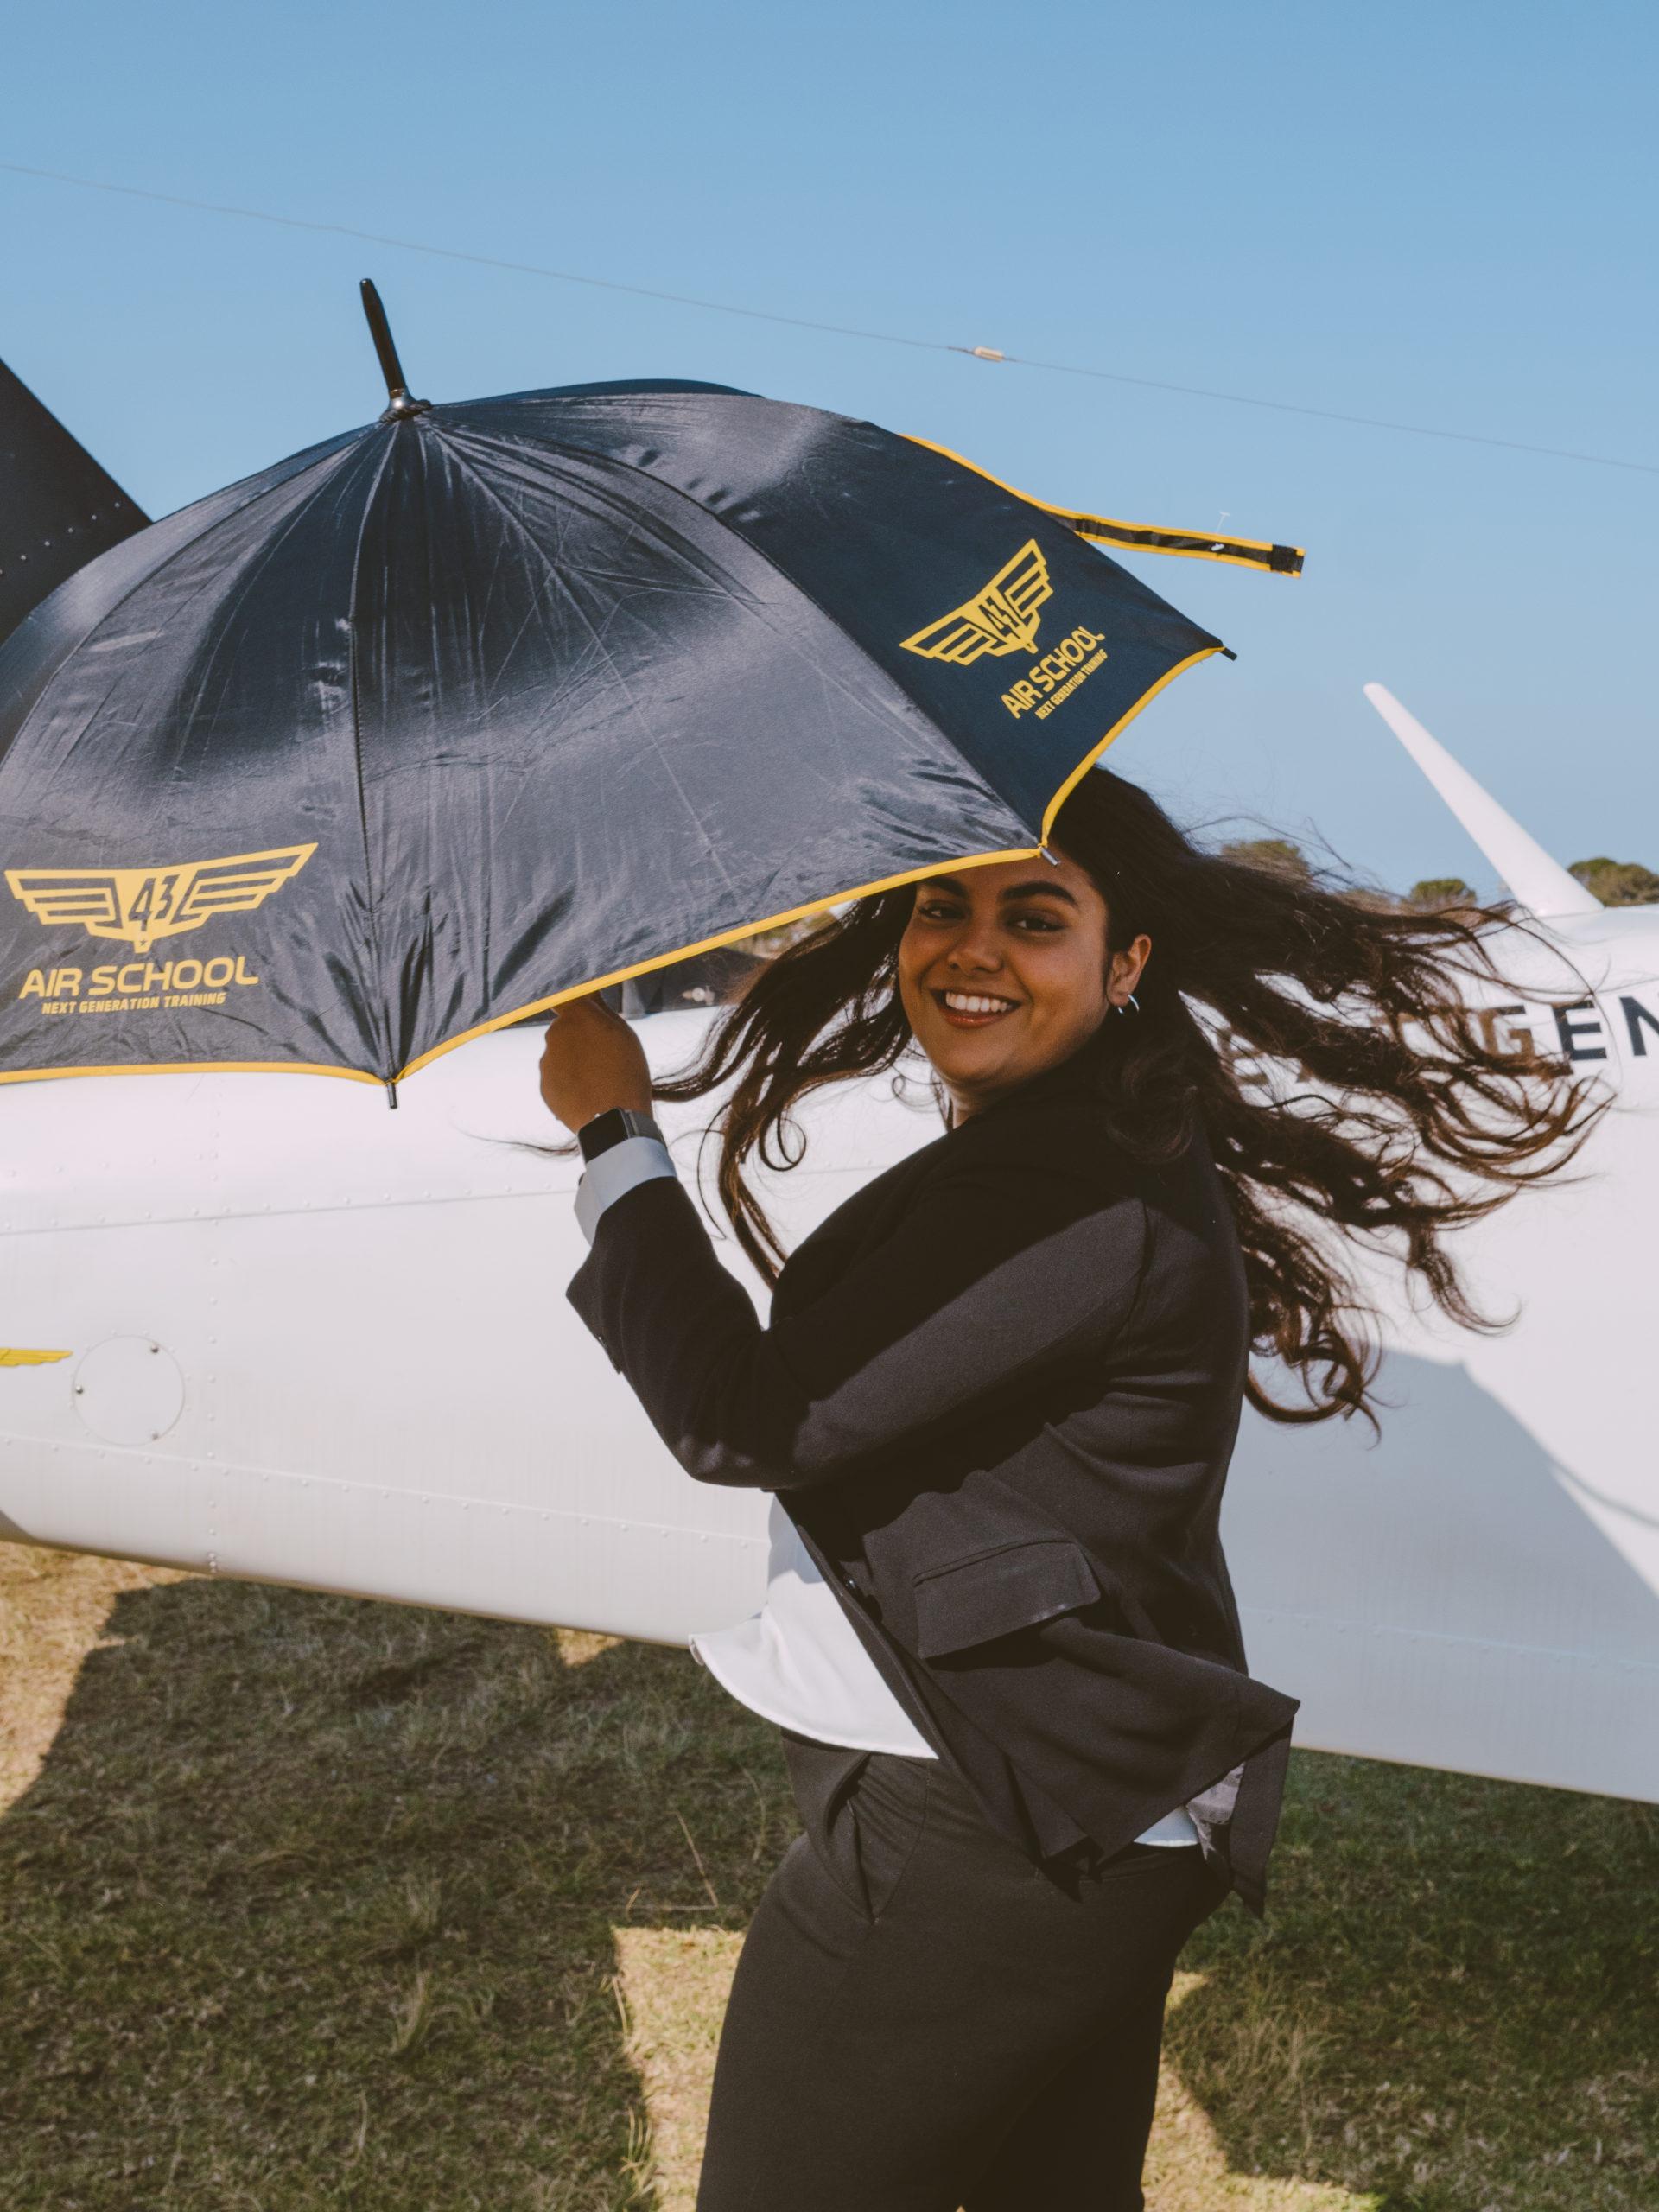 43 umbrella